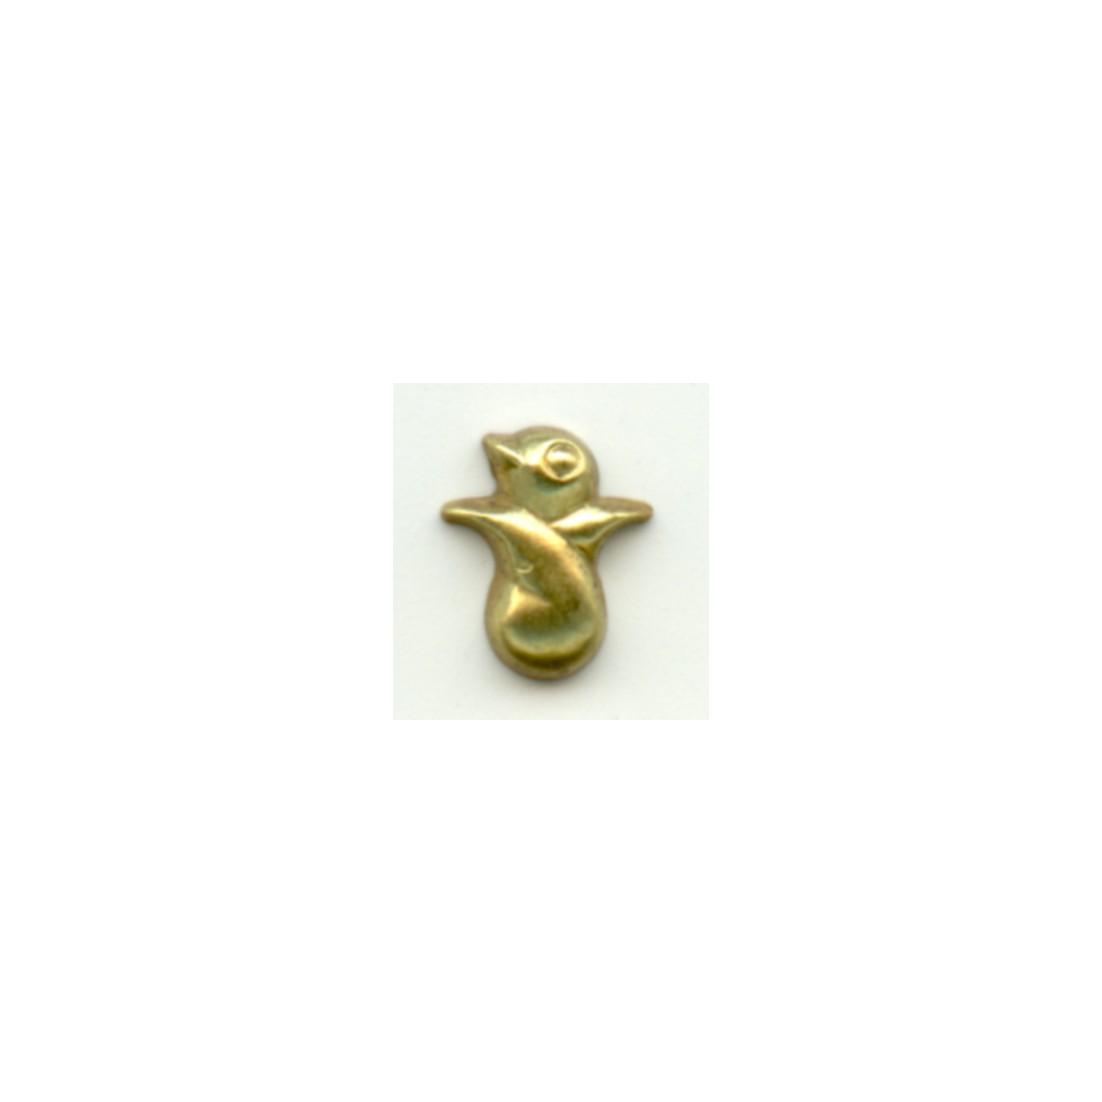 estampaciones para fornituras joyeria fabricante oro mayorista cordoba ref. 470153